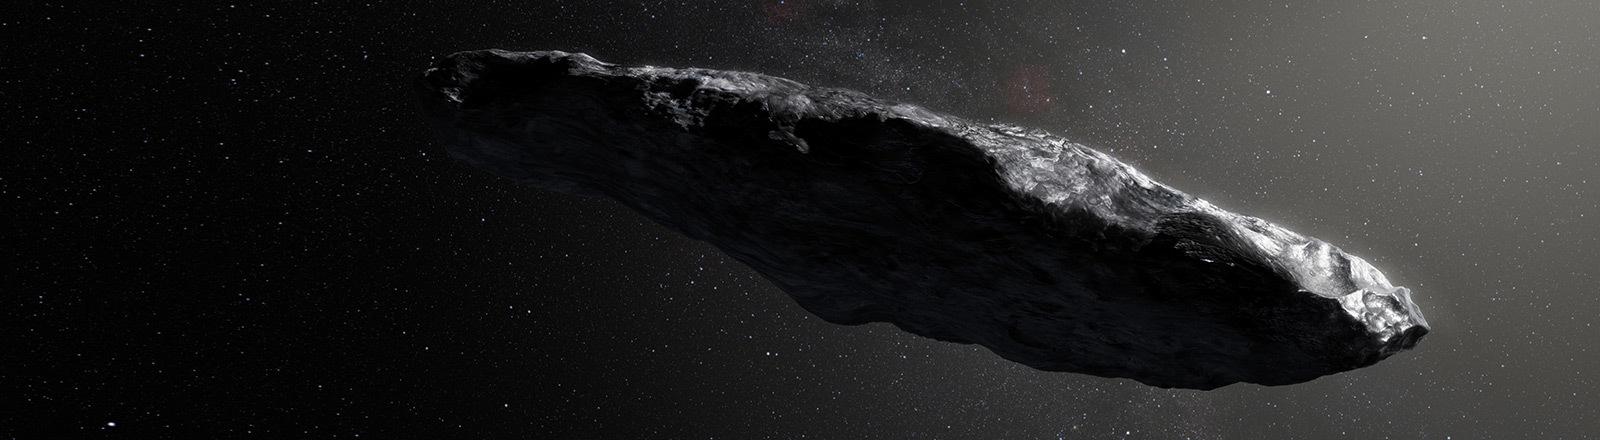 Künstlerische Darstellung eines Asteroiden